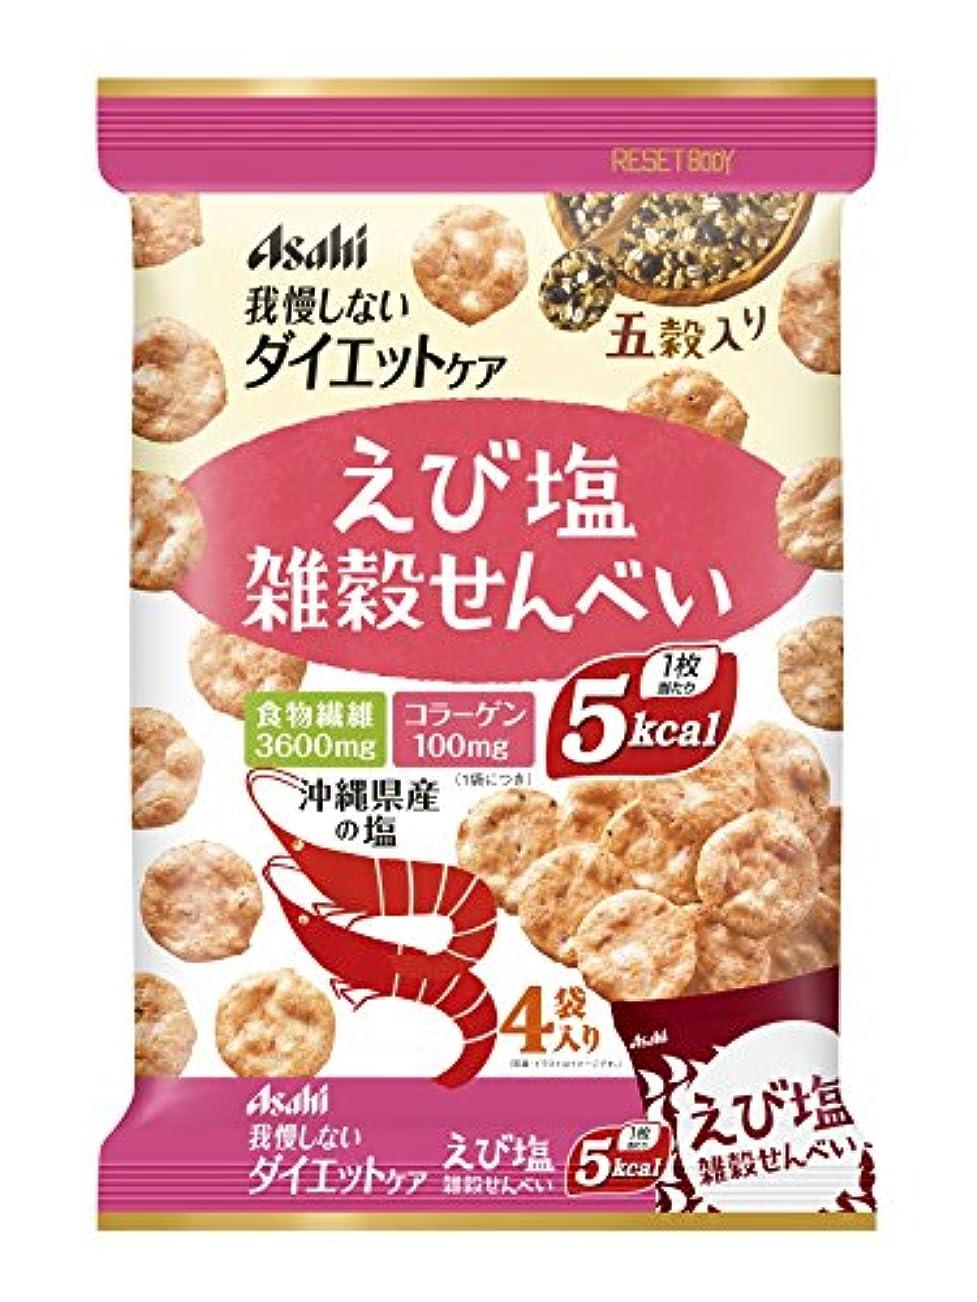 自治的確保する継続中アサヒグループ食品 リセットボディ 雑穀せんべい えび塩味 88g(22gx4袋)